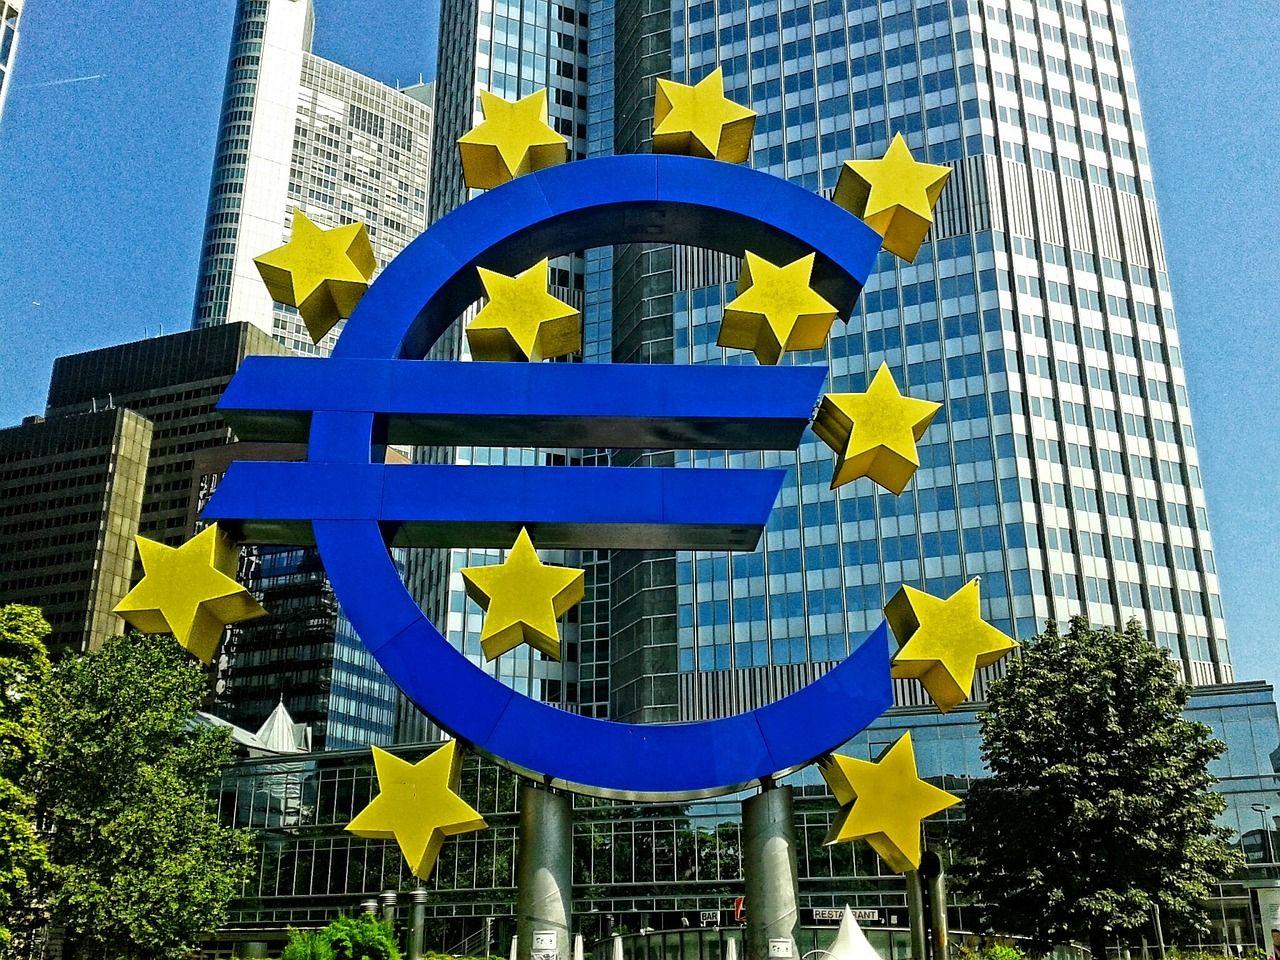 【ユーロ】今夜はドラギの議会証言が焦点!ECB揺れる?フランスも緩和解除派…か【5月29日の為替相場ポイント&経済指標まとめ】